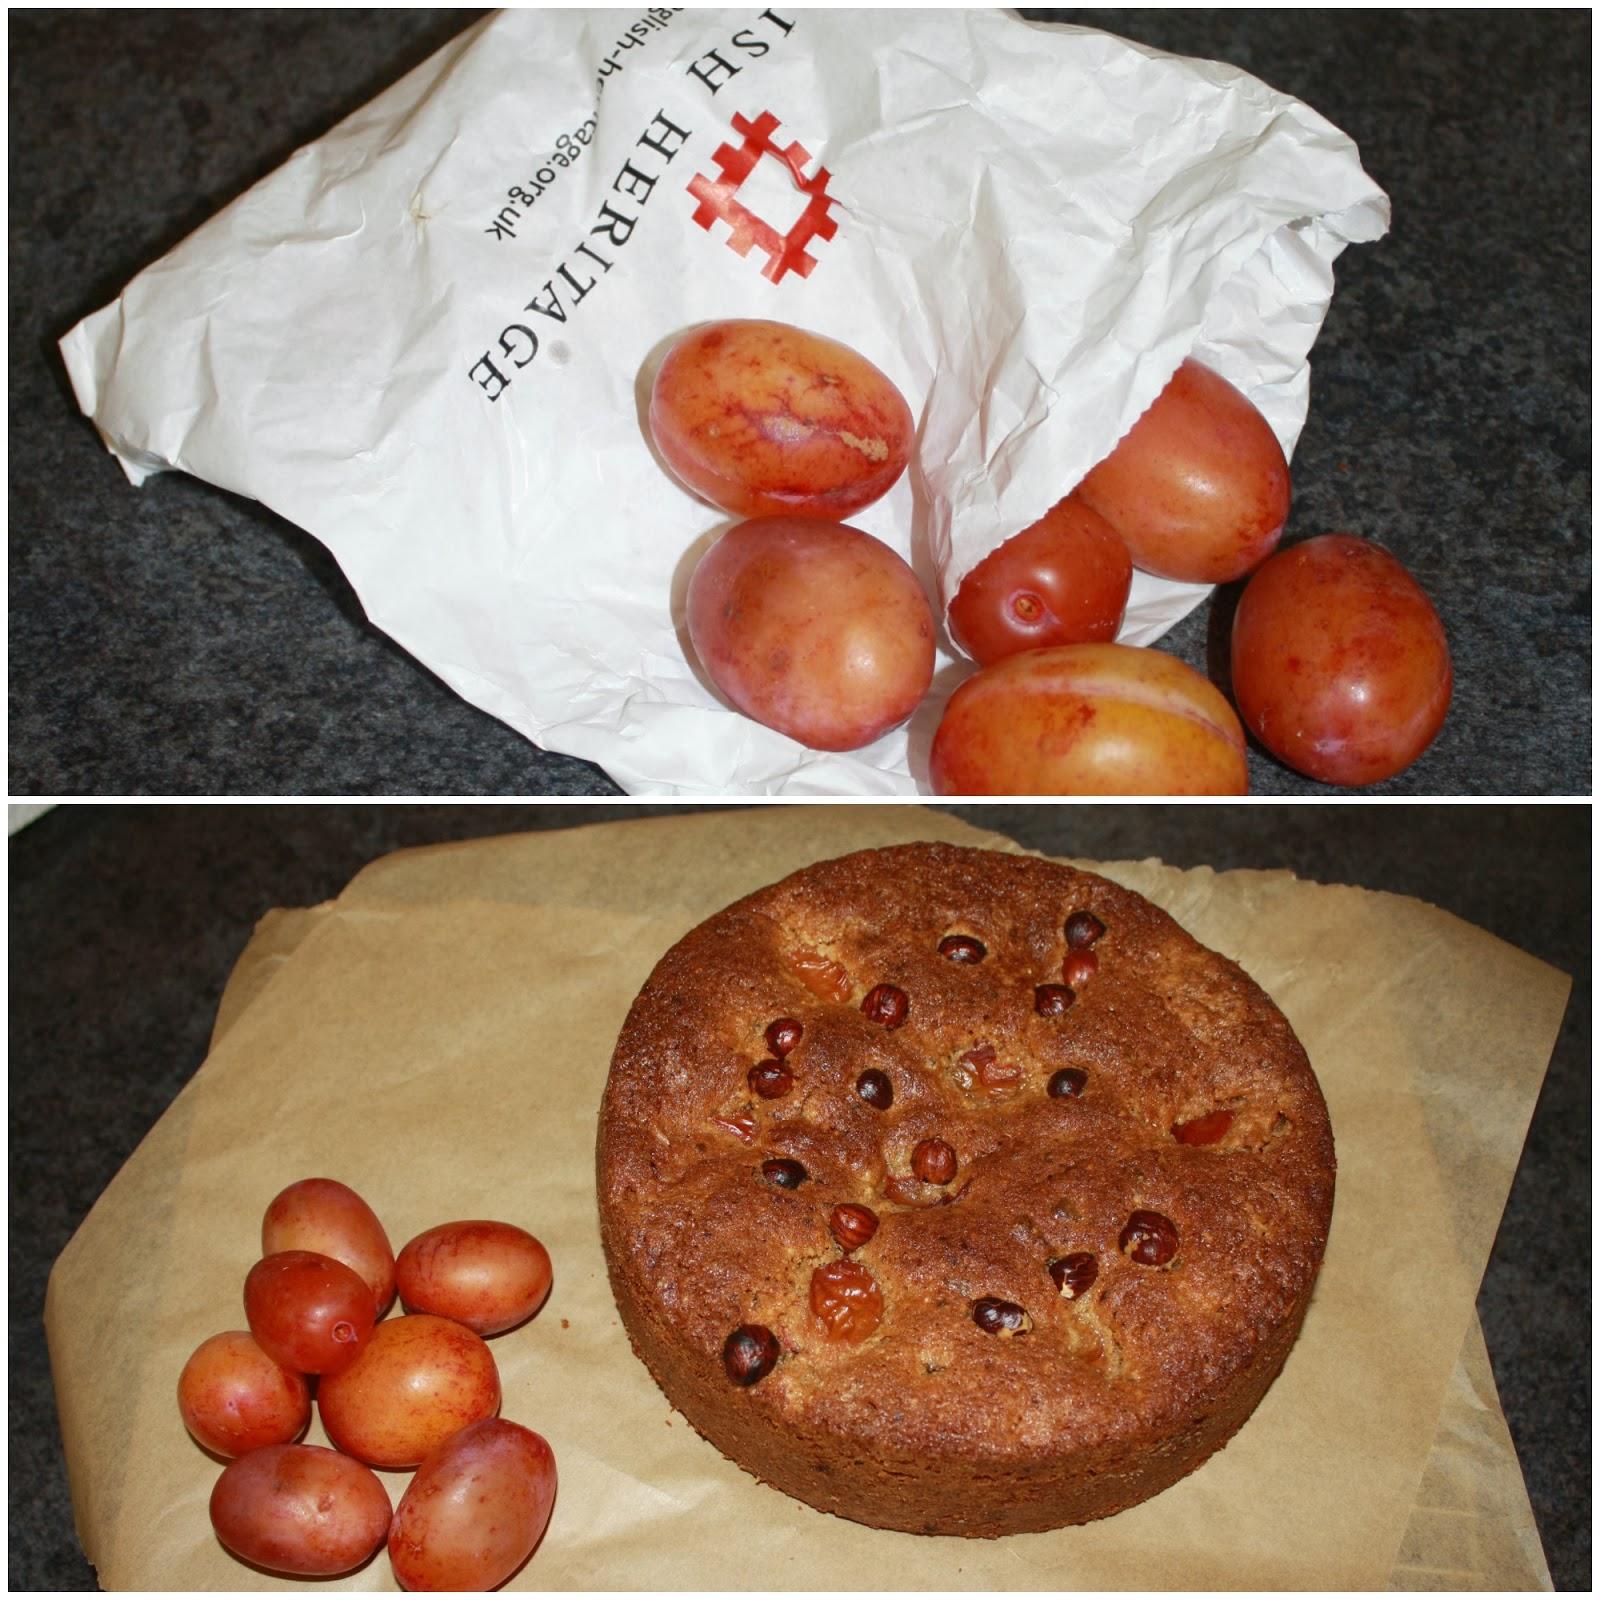 James Martin Cake Using Hazelnut